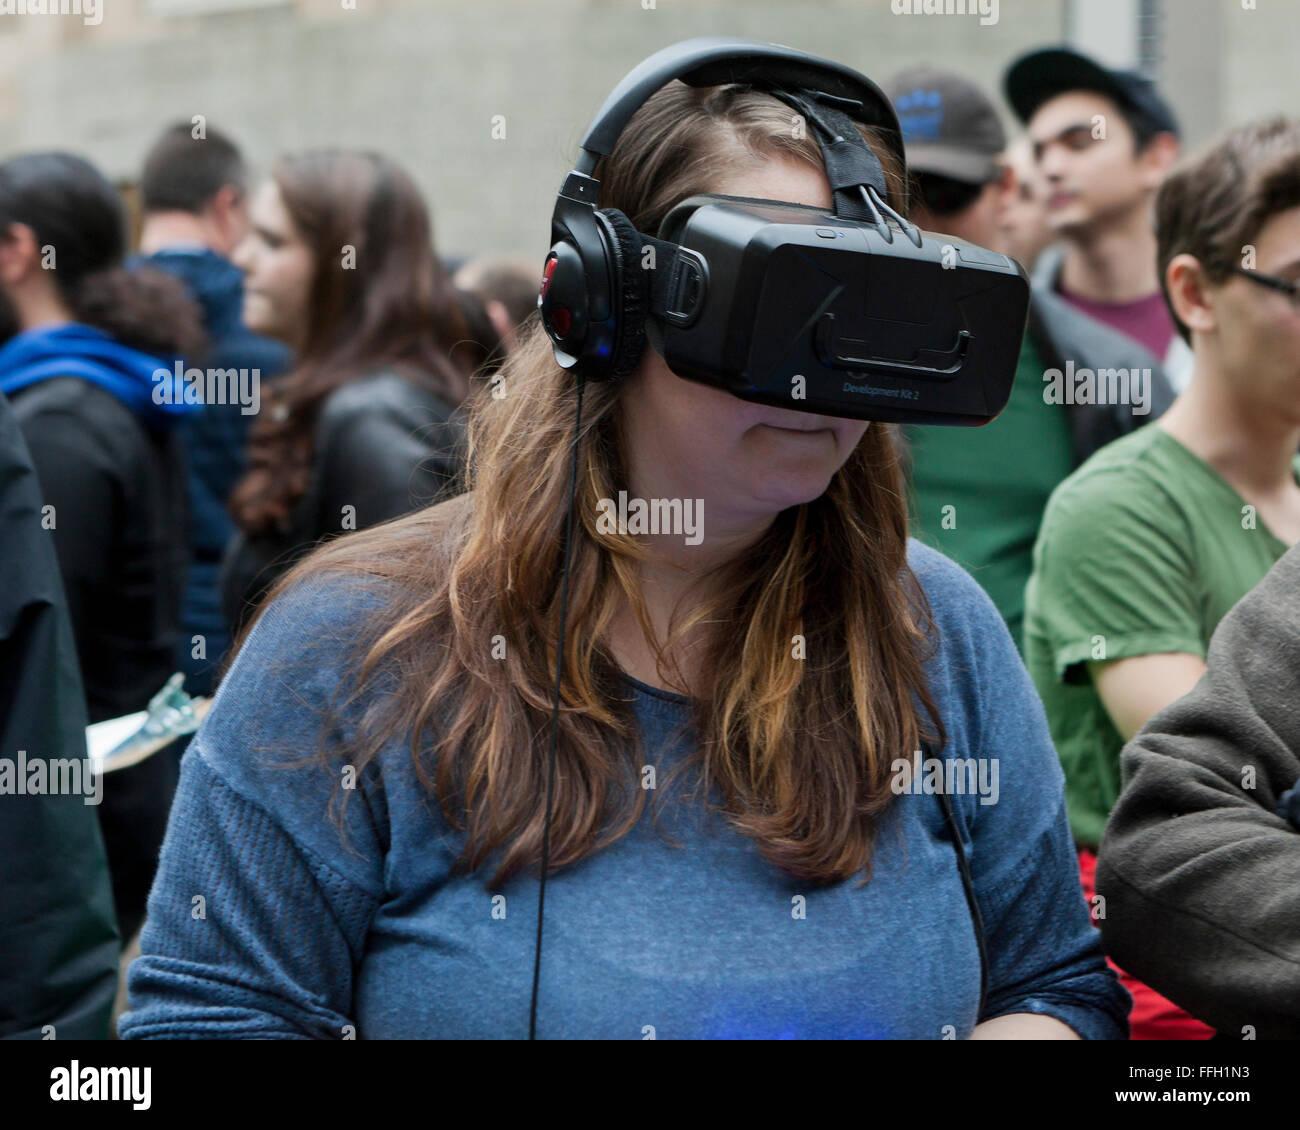 Woman wearing a virtual reality headset - USA - Stock Image